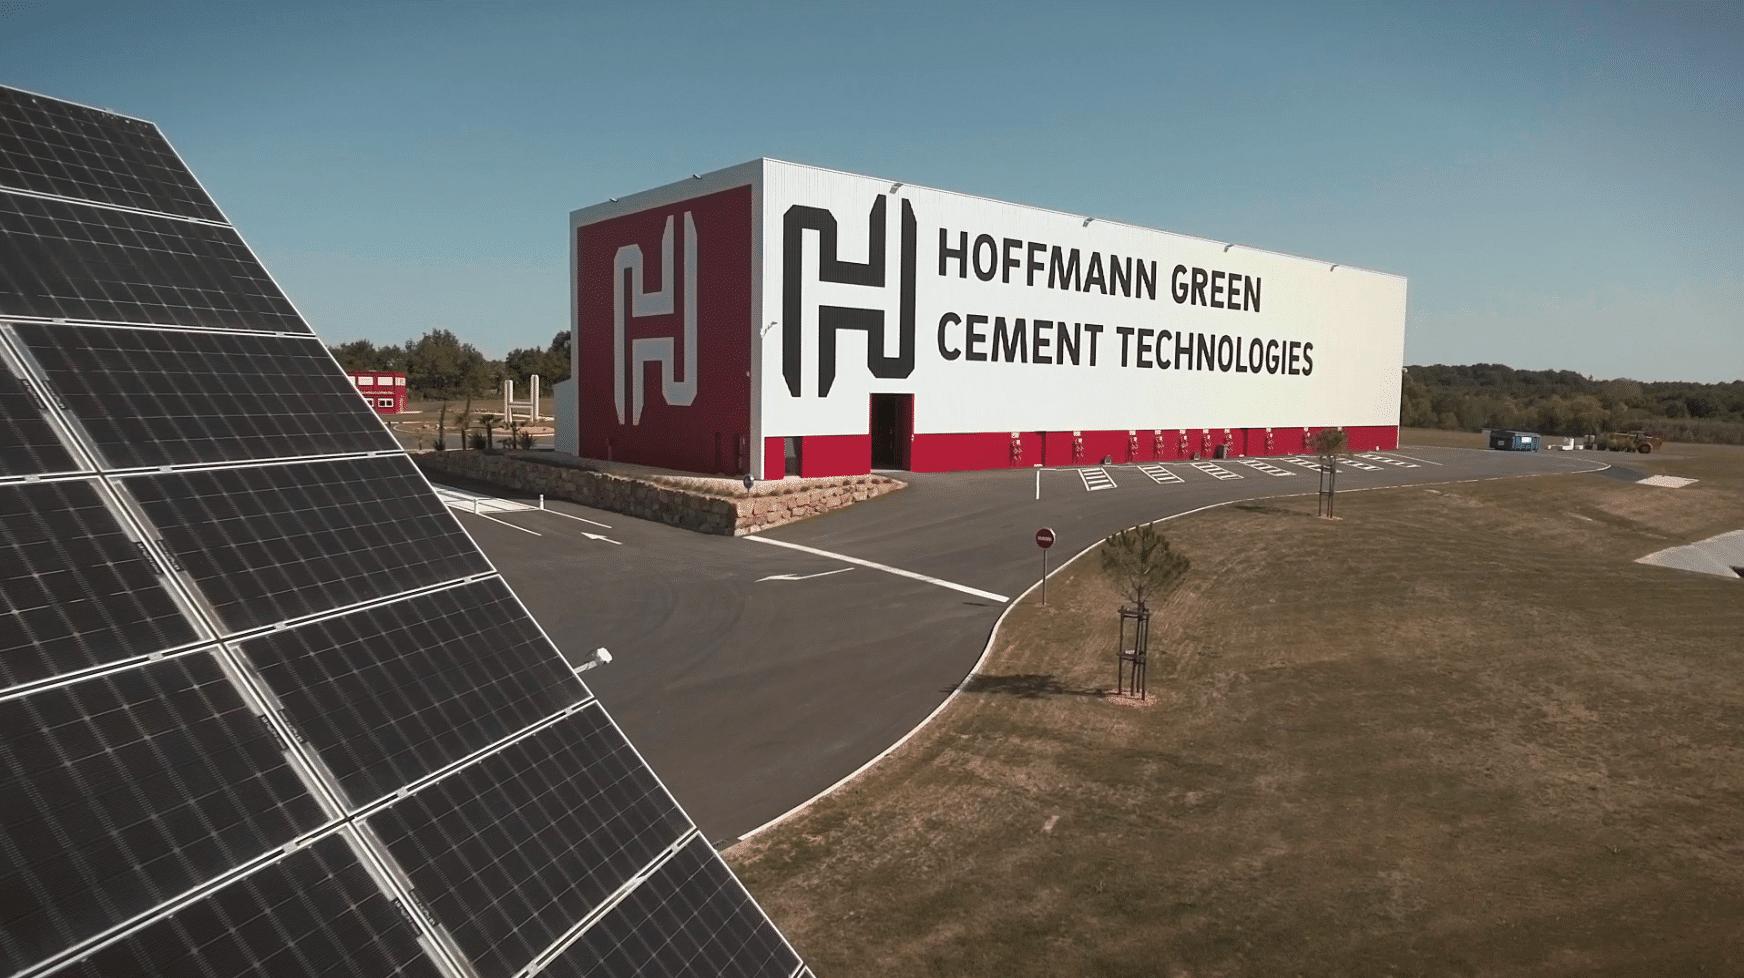 Partenariat Bouygues Construction - visite de site Hoffmann Green Cement Technologies